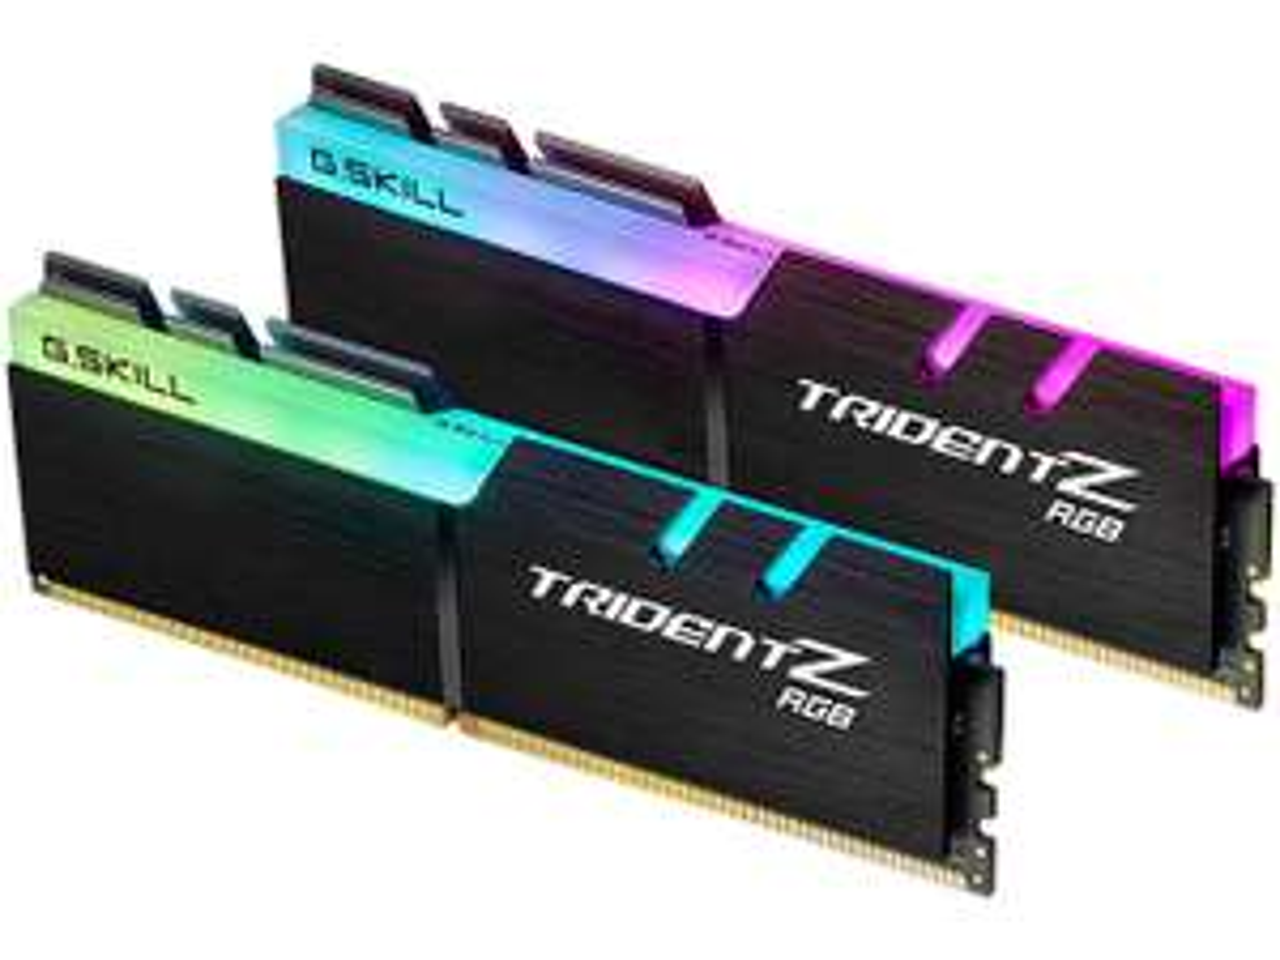 Newegg: 16 GB (2X8GB) RAM DDR4 3600 RGB G.SKILL TRIDENTZ